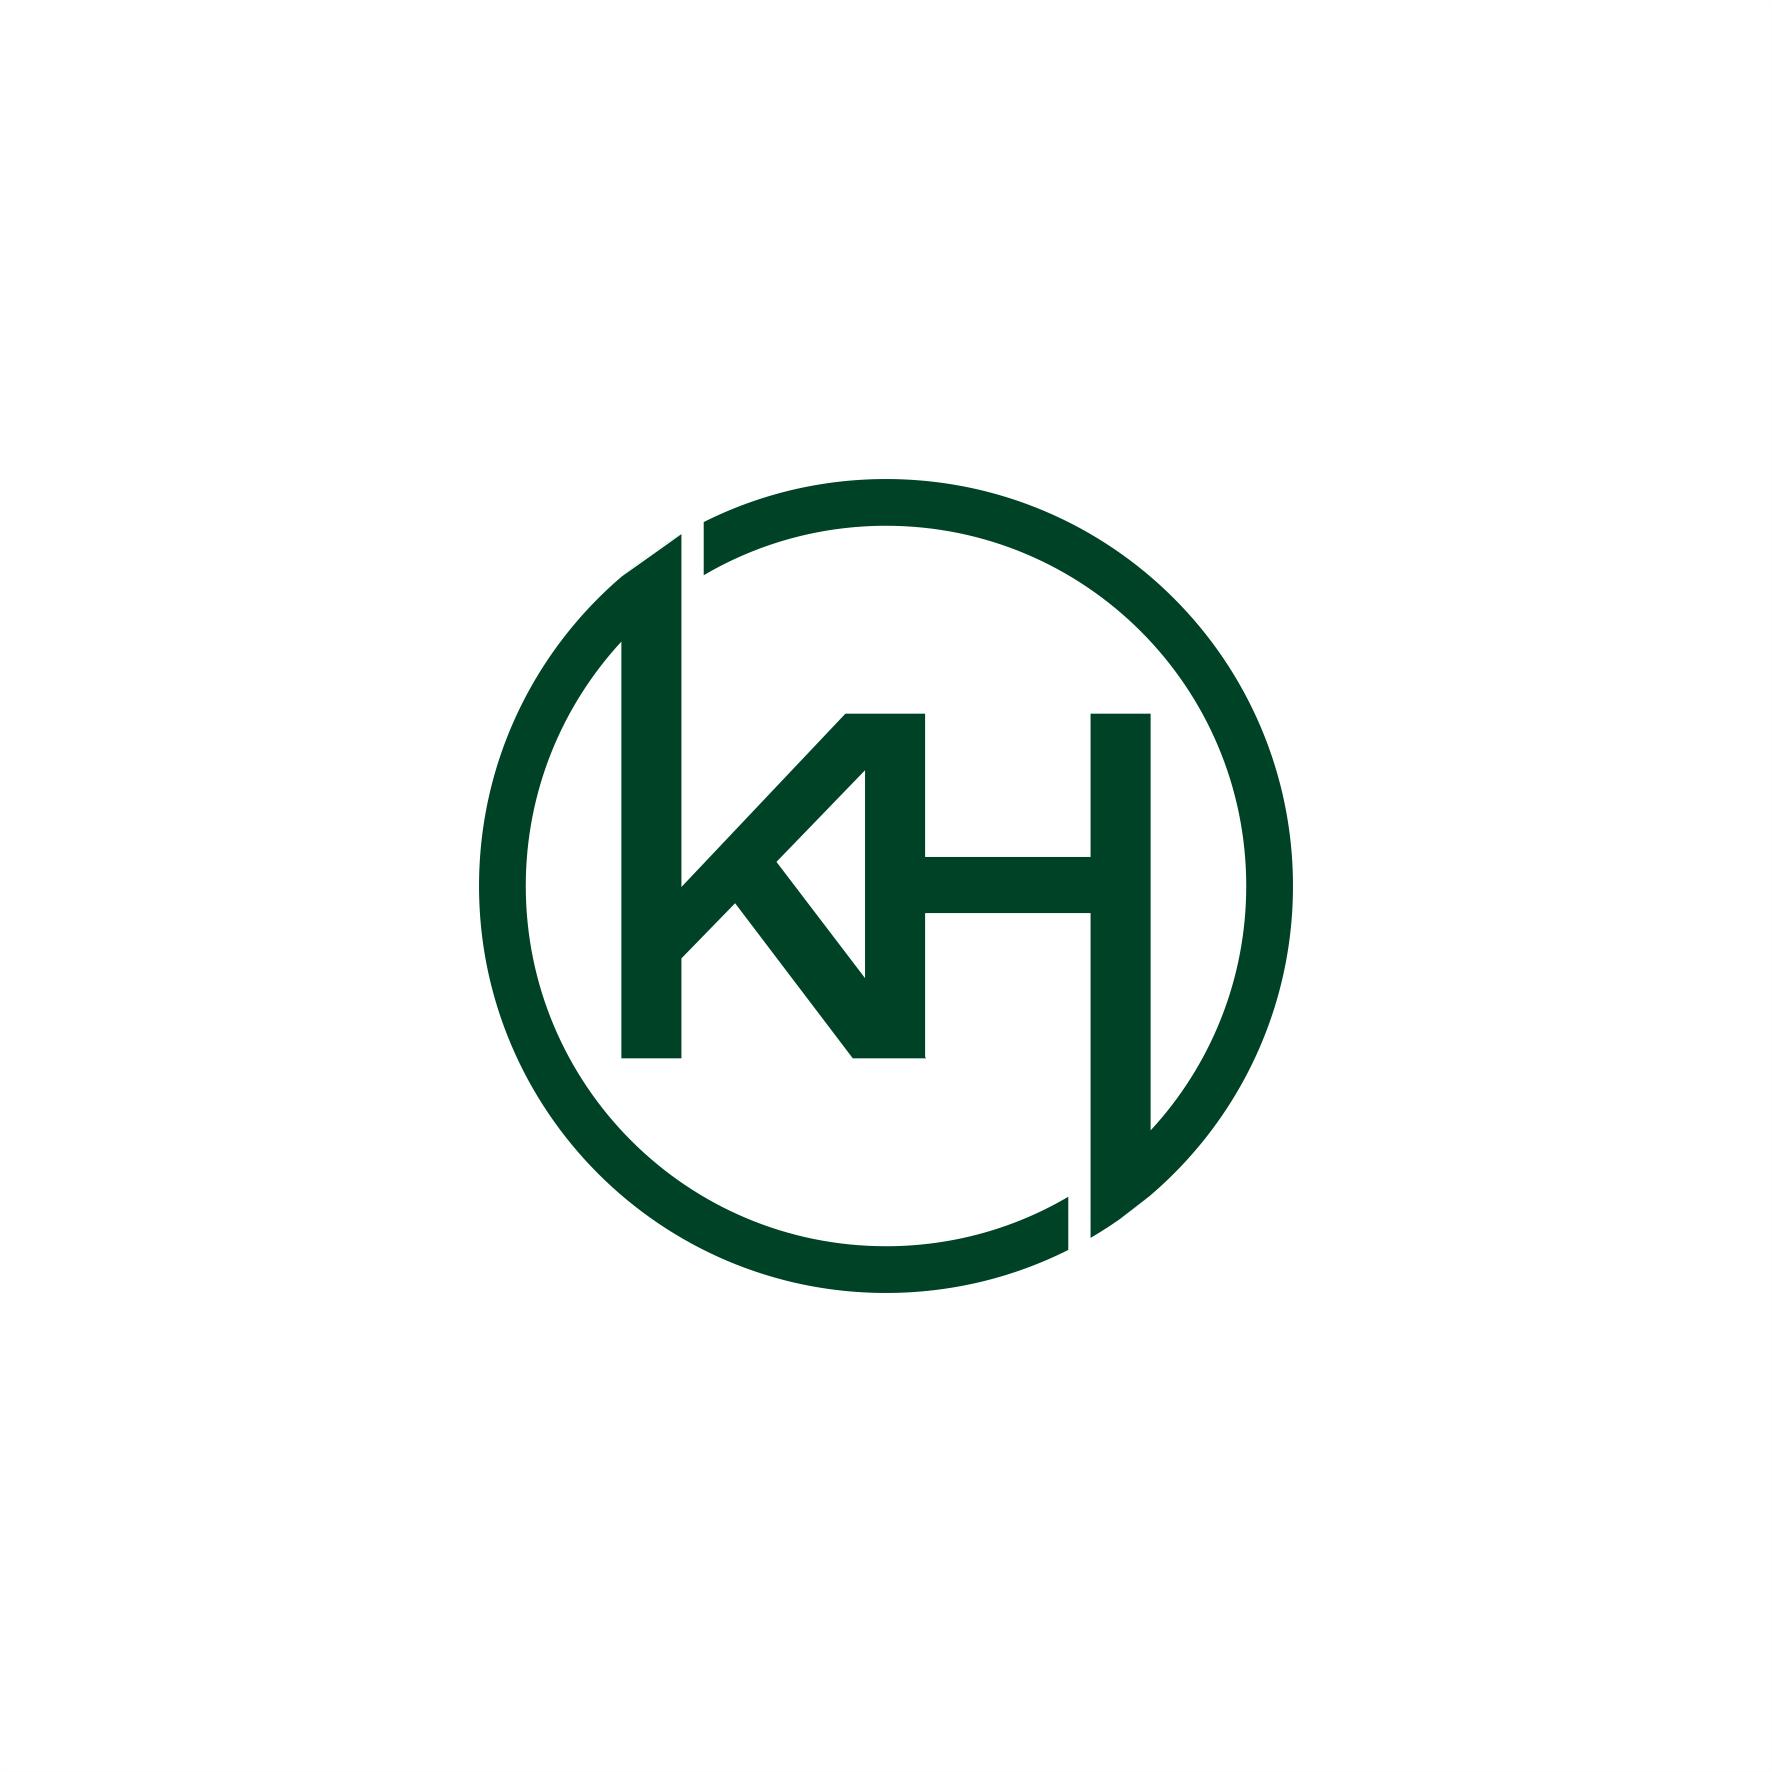 New holding company logo